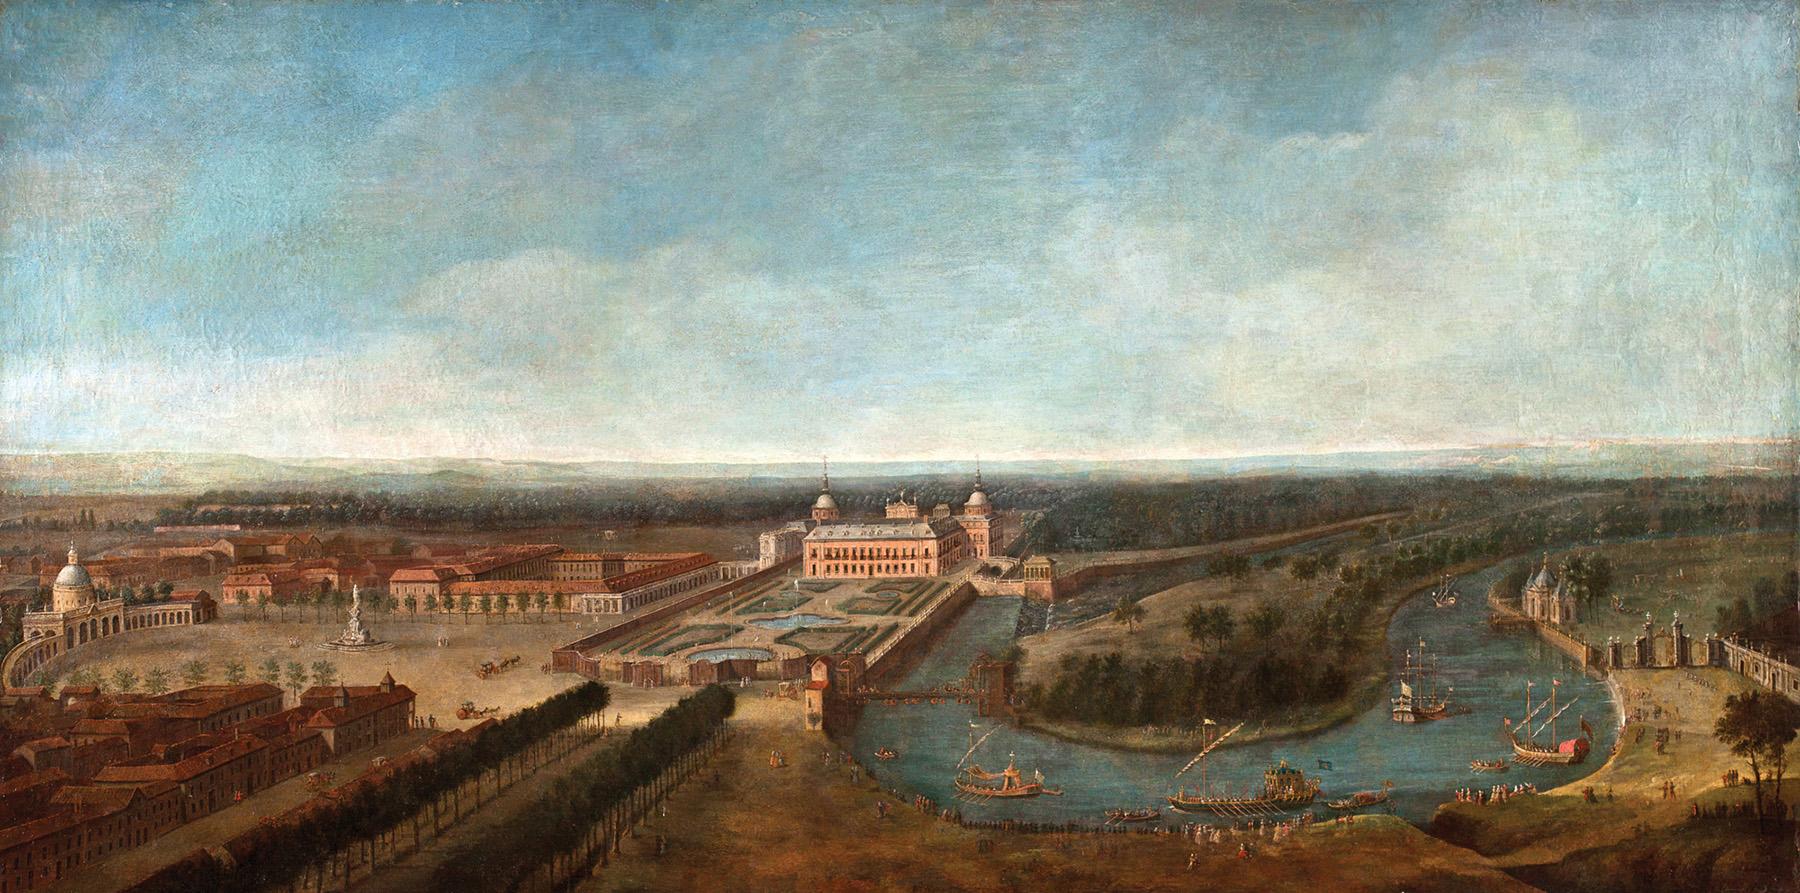 Antonio Joli. Vista panorámica del Palacio de Aranjuez con la plaza de san Antonio y el río Tajo con su embarcadero. Salida: 100.000 euros